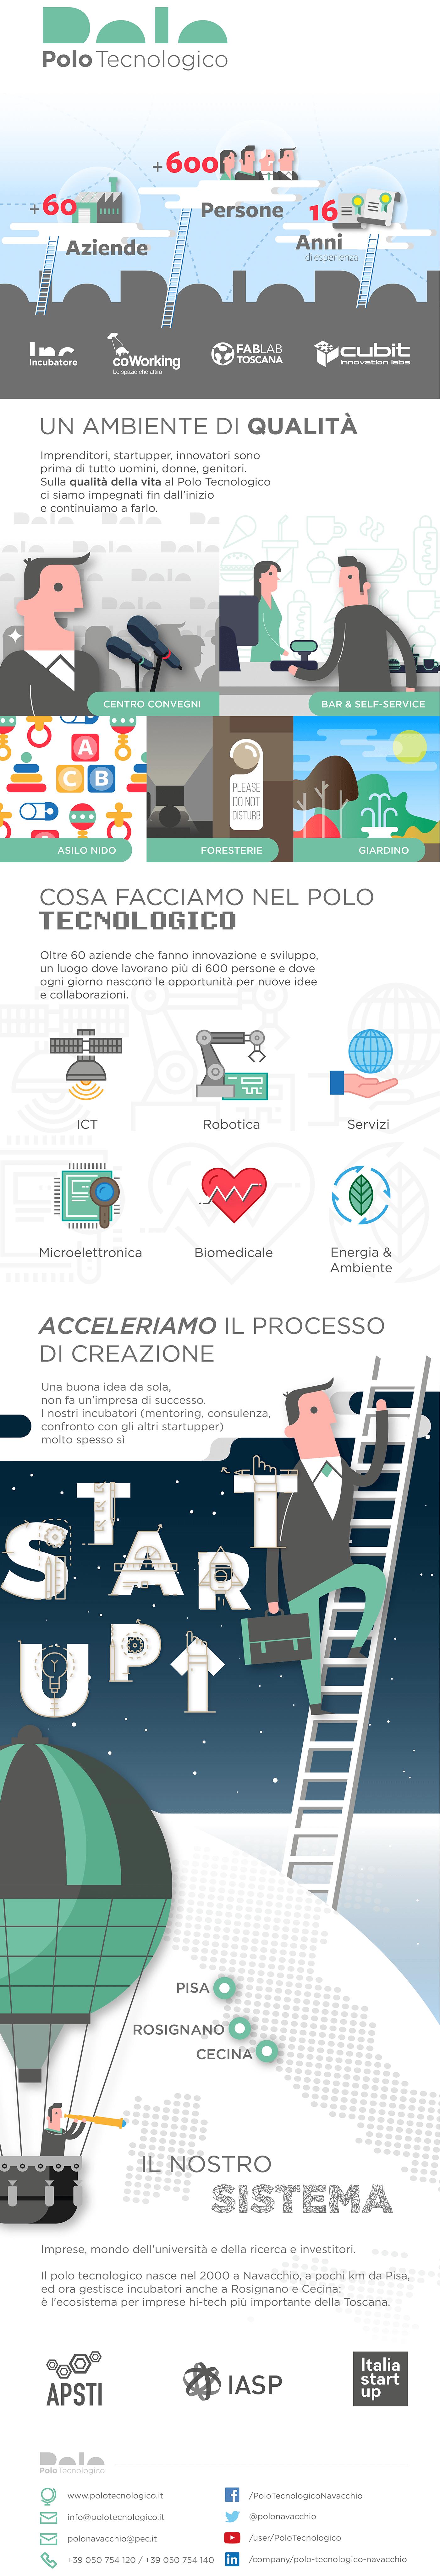 polo_infografica_rev